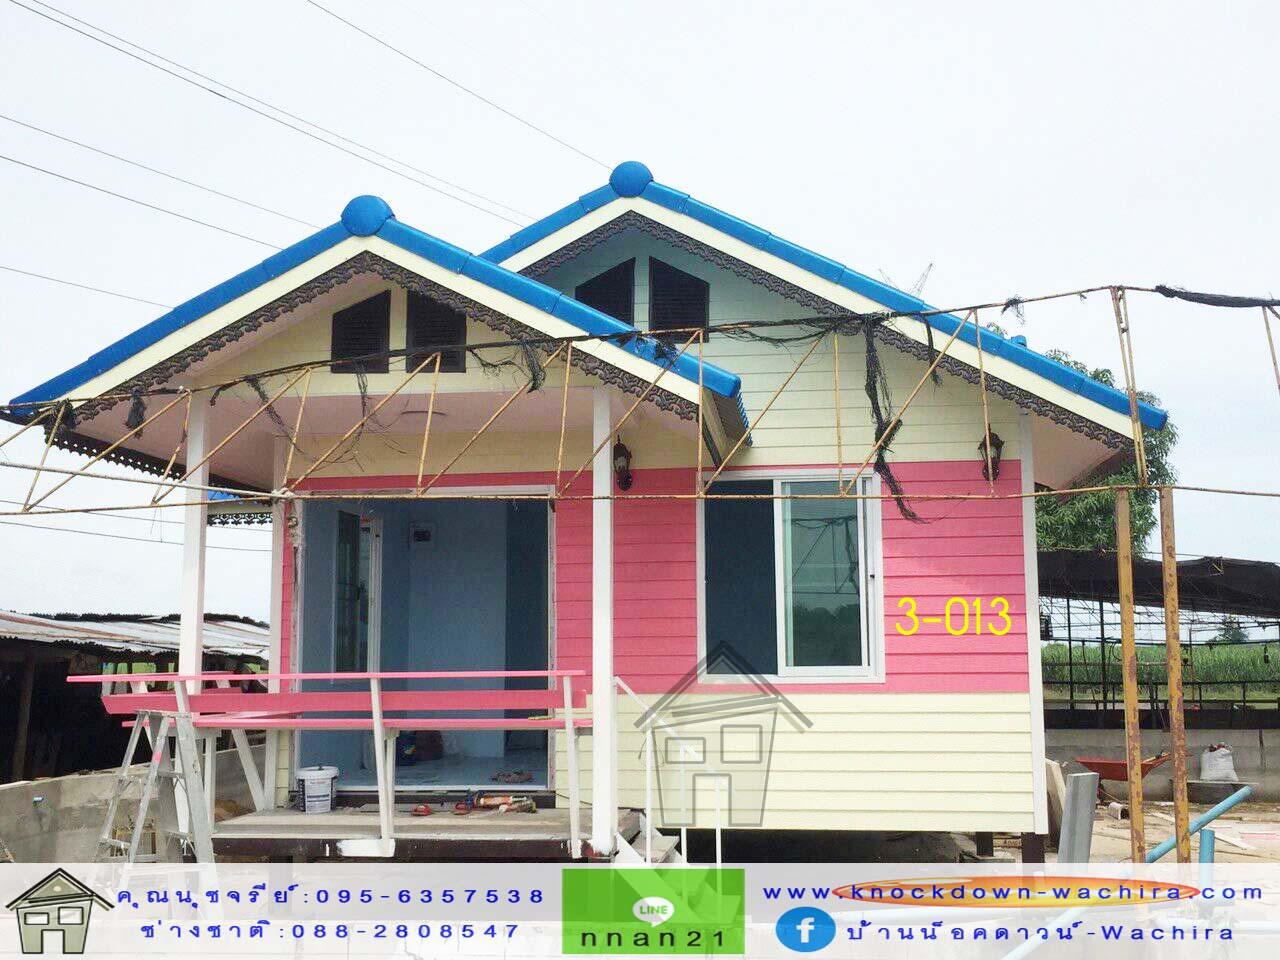 3-013 บ้านน็อคดาวน์ - บ้านหลังใหญ่